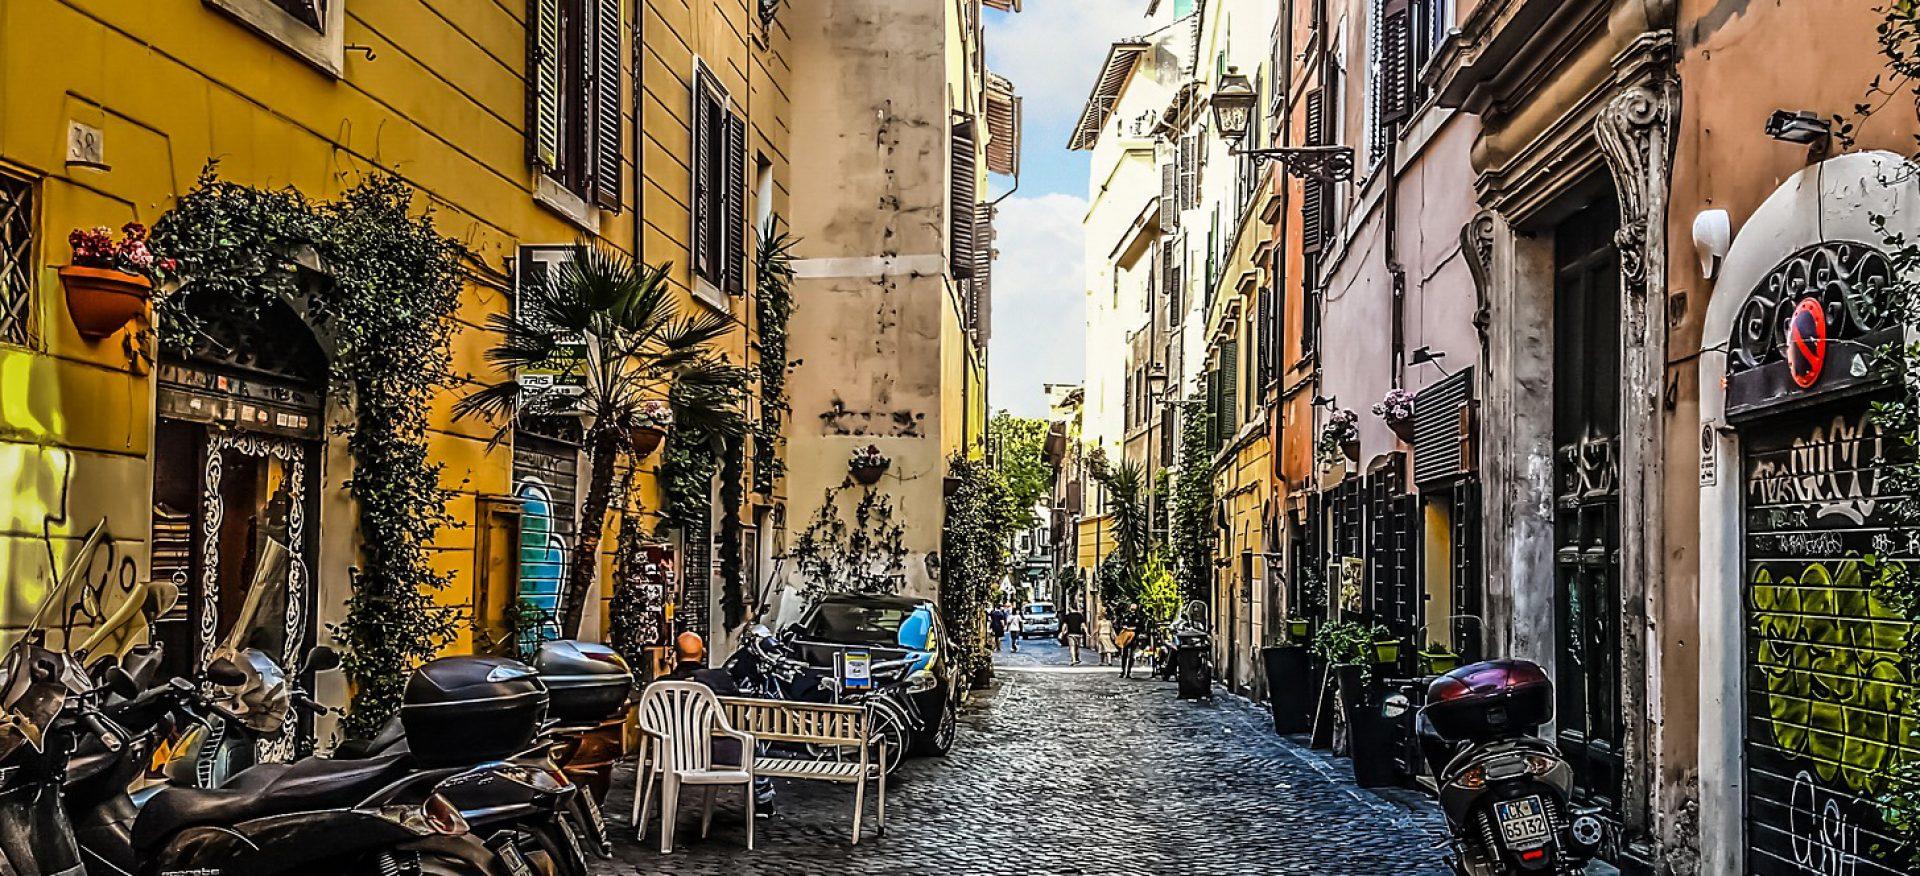 ταξίδι στην Ιταλία - Ταξιδέψτε στη Ρώμη, το Μιλάνο, τη Βενετία, τη Φλωρεντία και τη Βερόνα | Καλοκαίρι με το Prima Holidays